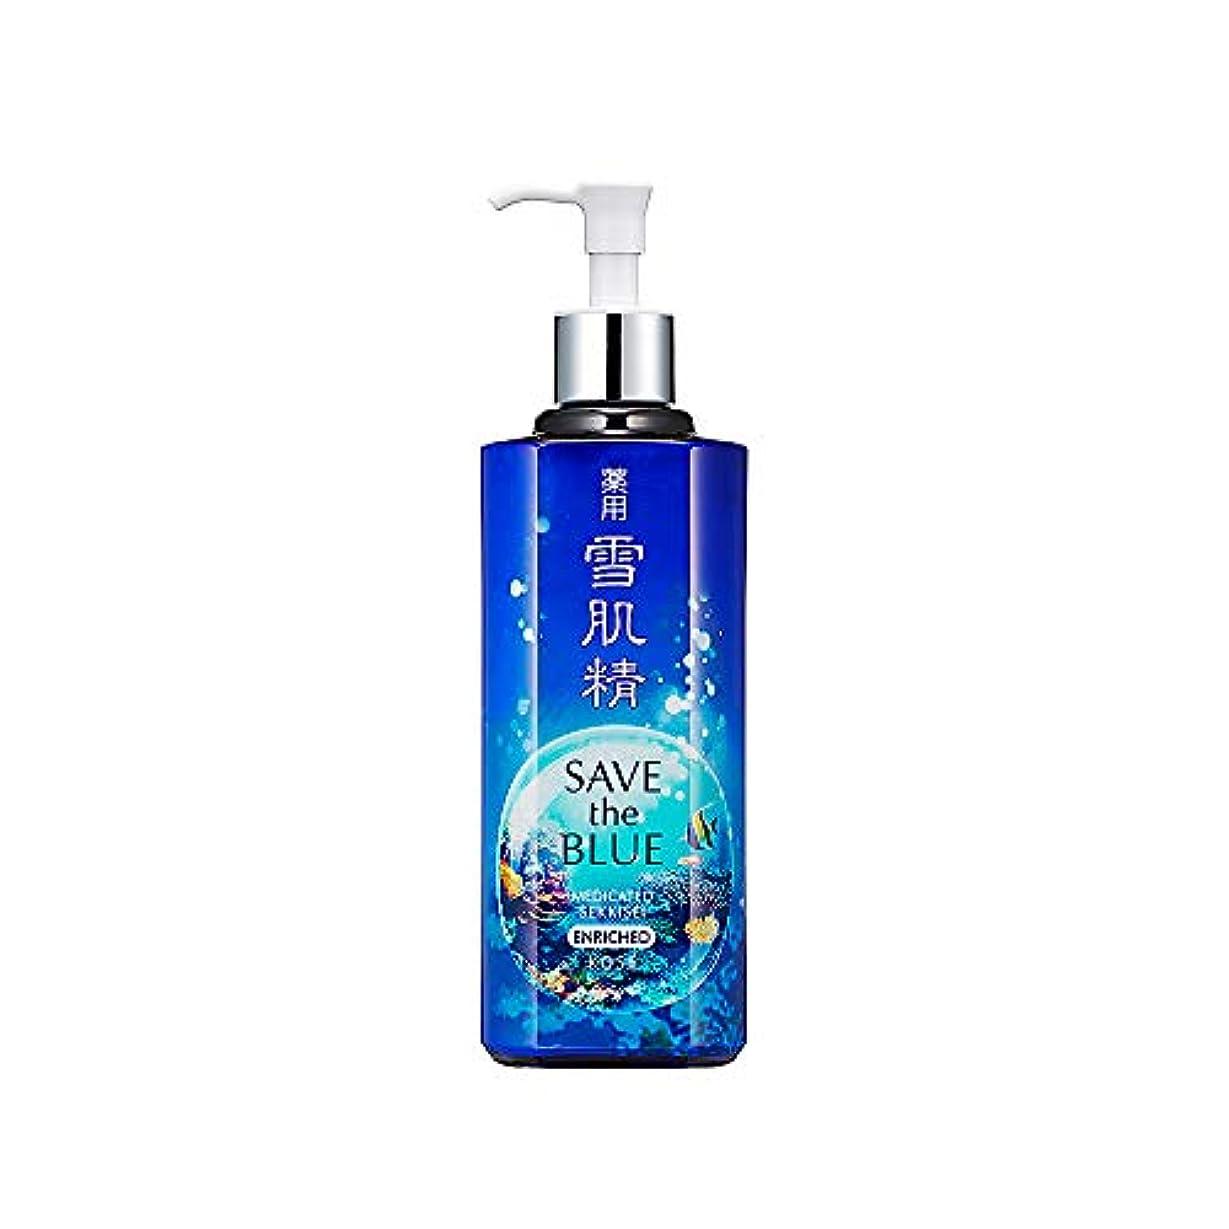 平衡スパークご意見コーセー 薬用 雪肌精 エンリッチ 化粧水 (しっとりタイプ) 500ml [並行輸入品]